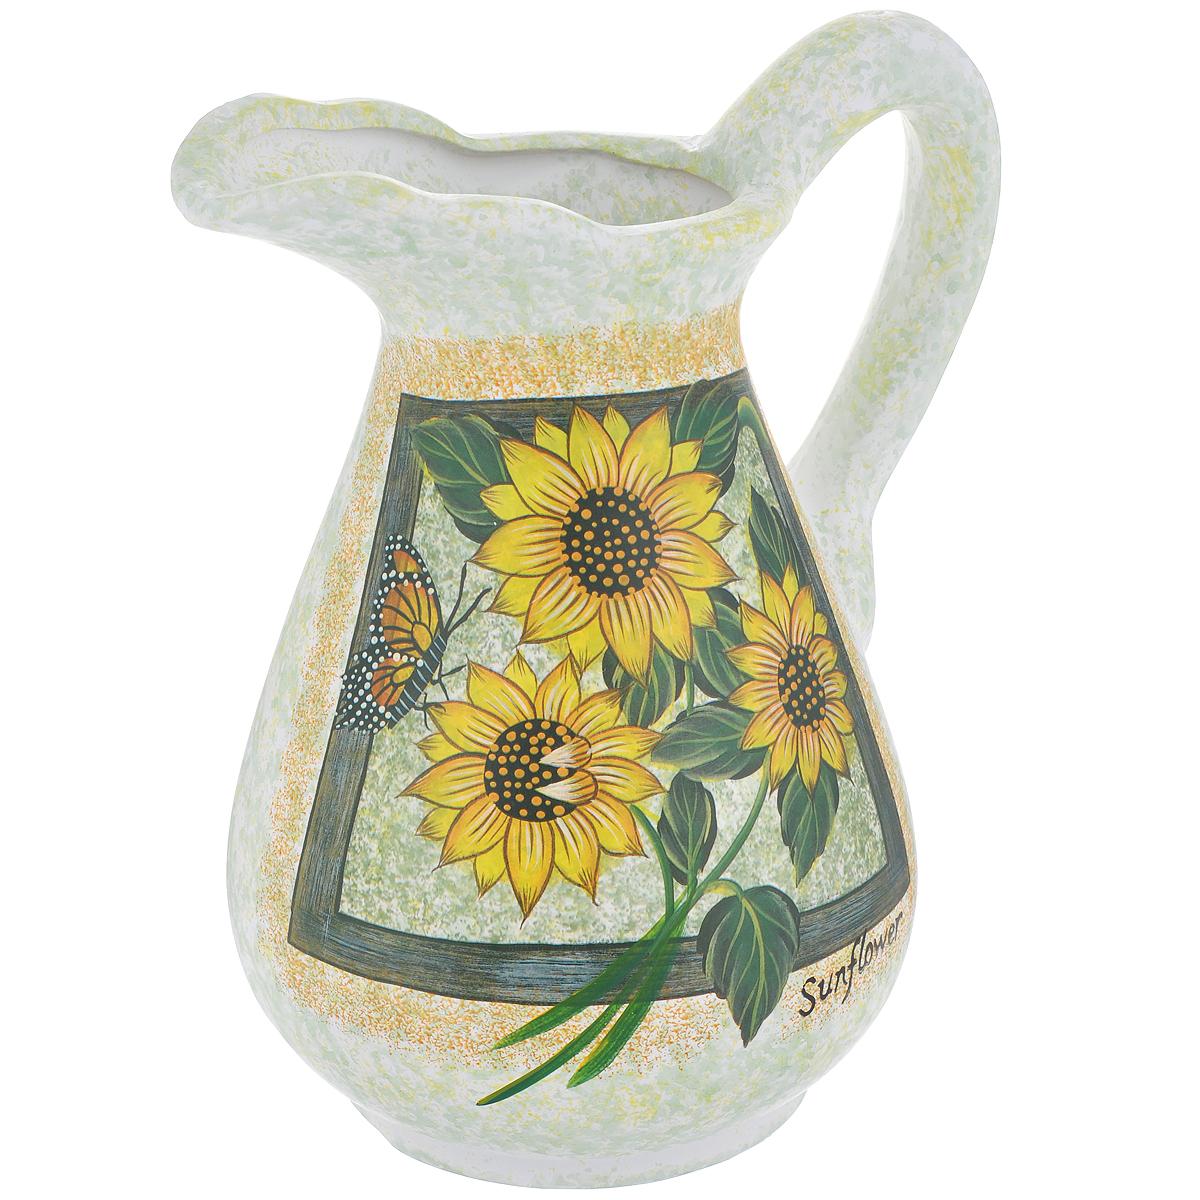 Ваза Lillo Солнечные цветы, высота 25 смFS-80423Элегантная ваза Lillo Солнечные цветы выполнена из высококачественной керамики в виде кувшина и декорирована рисунком. Она придется по вкусу и ценителям классики, и тем, кто предпочитает утонченность и изящность. Вы можете поставить вазу в любом месте, где она будет удачно смотреться и радовать глаз. Такая ваза подойдет и для цветов, и для декора интерьера. Кроме того - это отличный вариант подарка для ваших близких и друзей. Высота вазы: 25 см.Диаметр основания: 11,5 см.